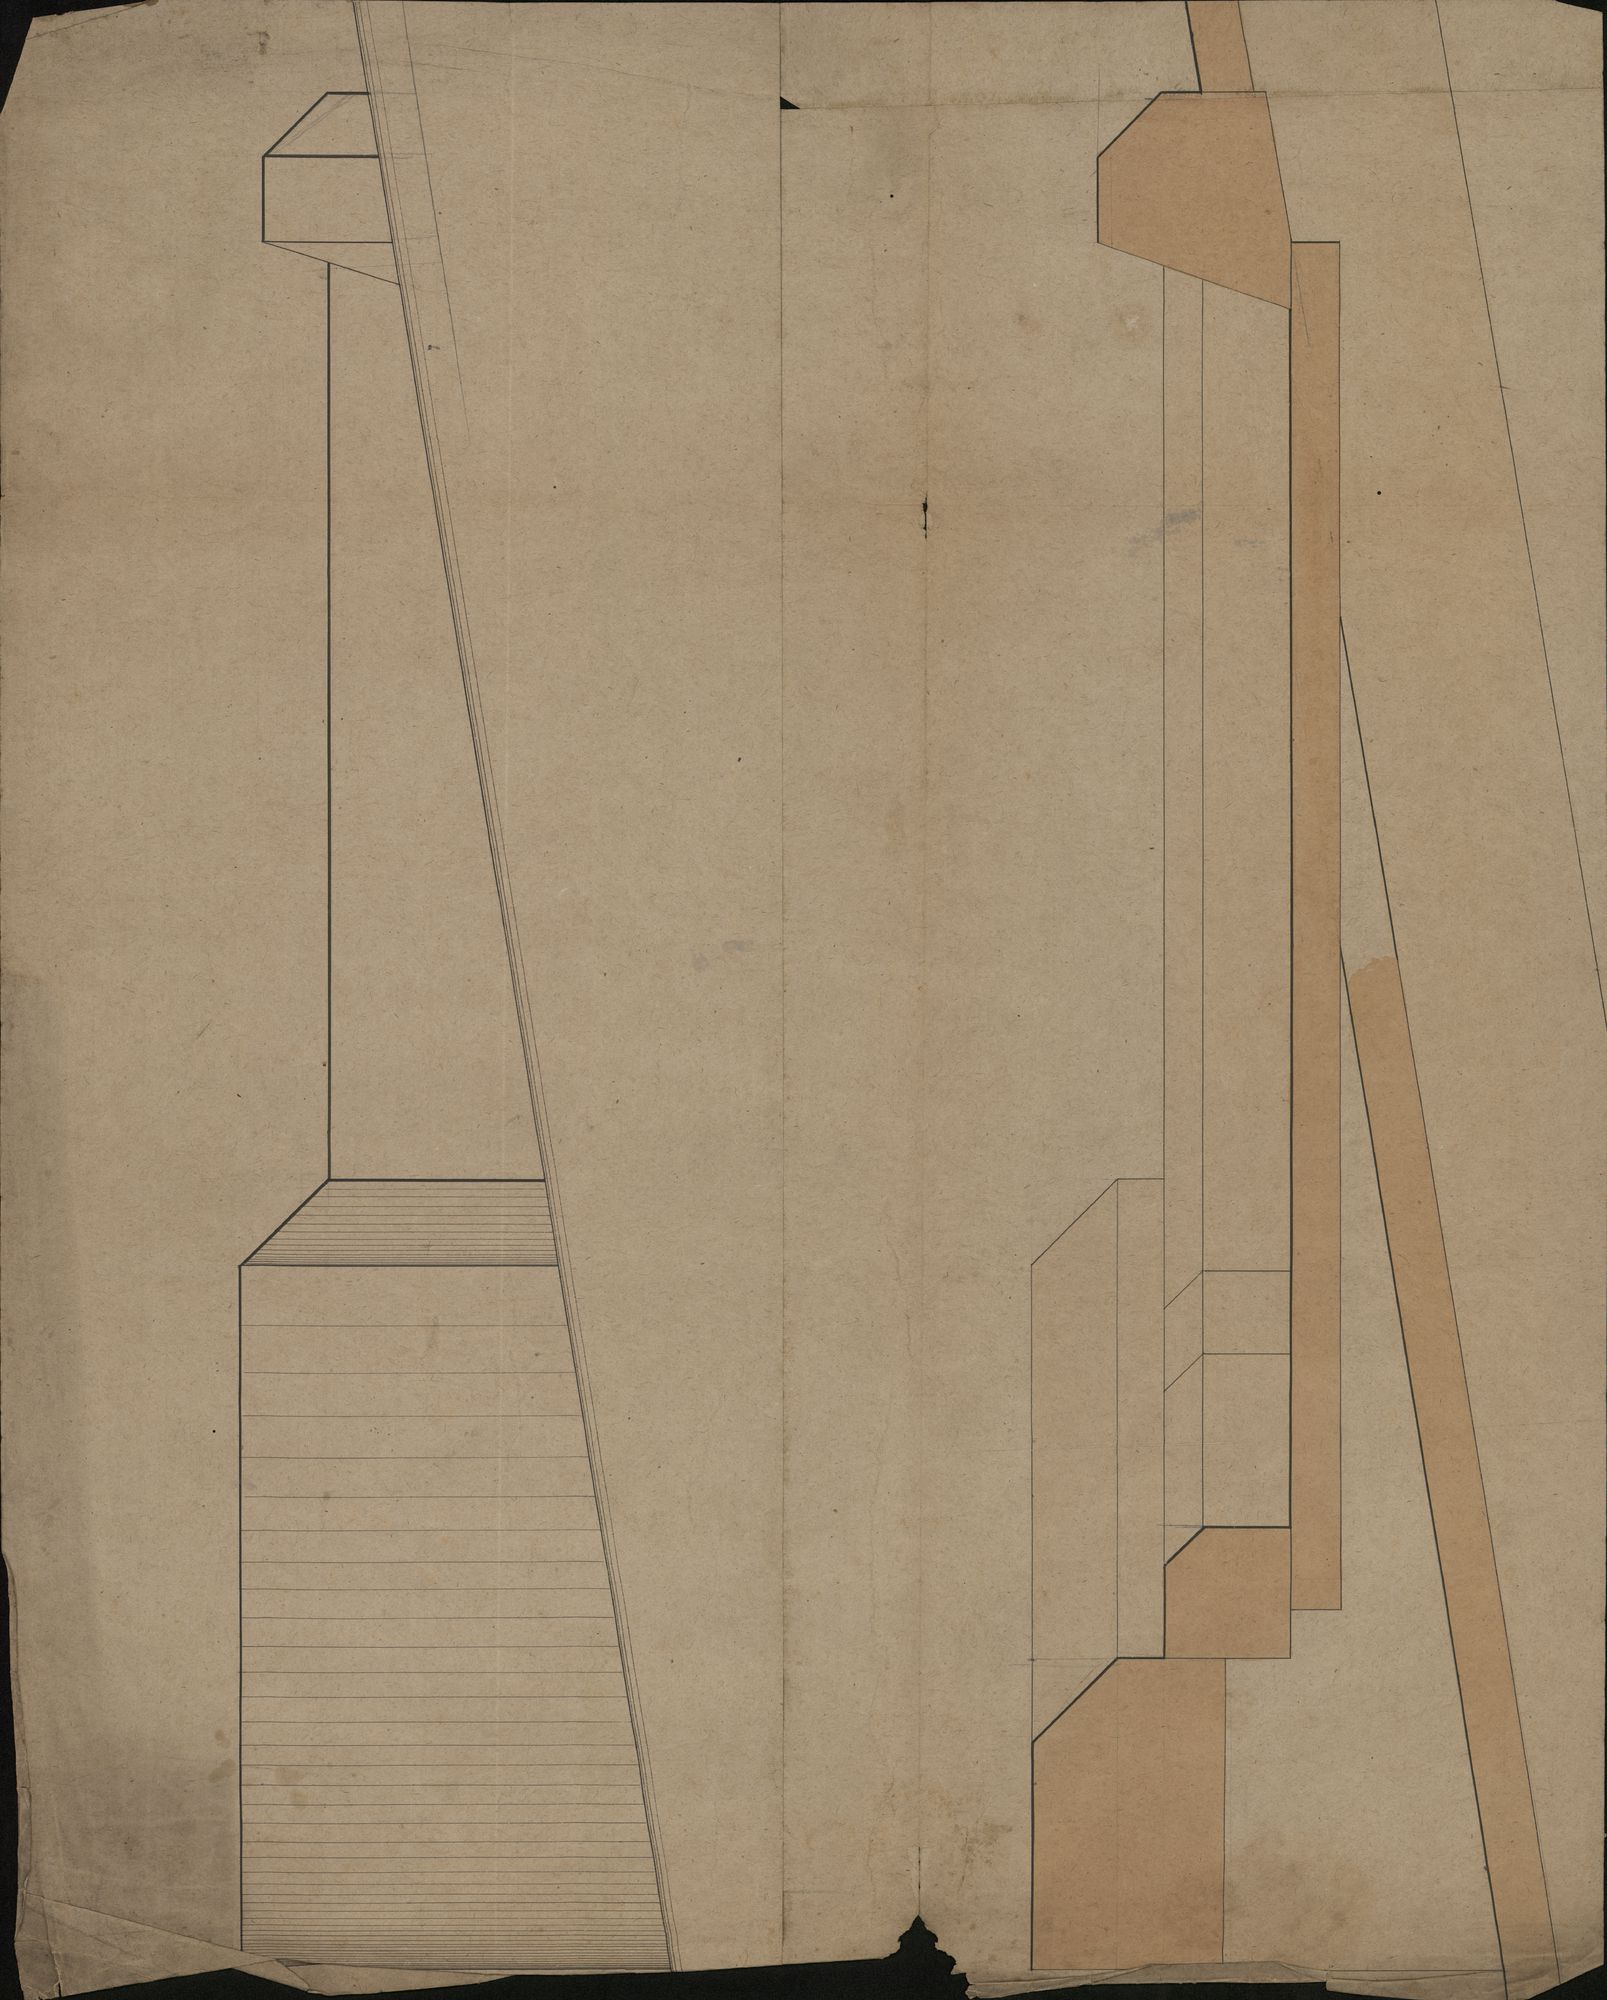 Bouwplannen van het Sint-Amandscollege te Kortrijk, 19de eeuw